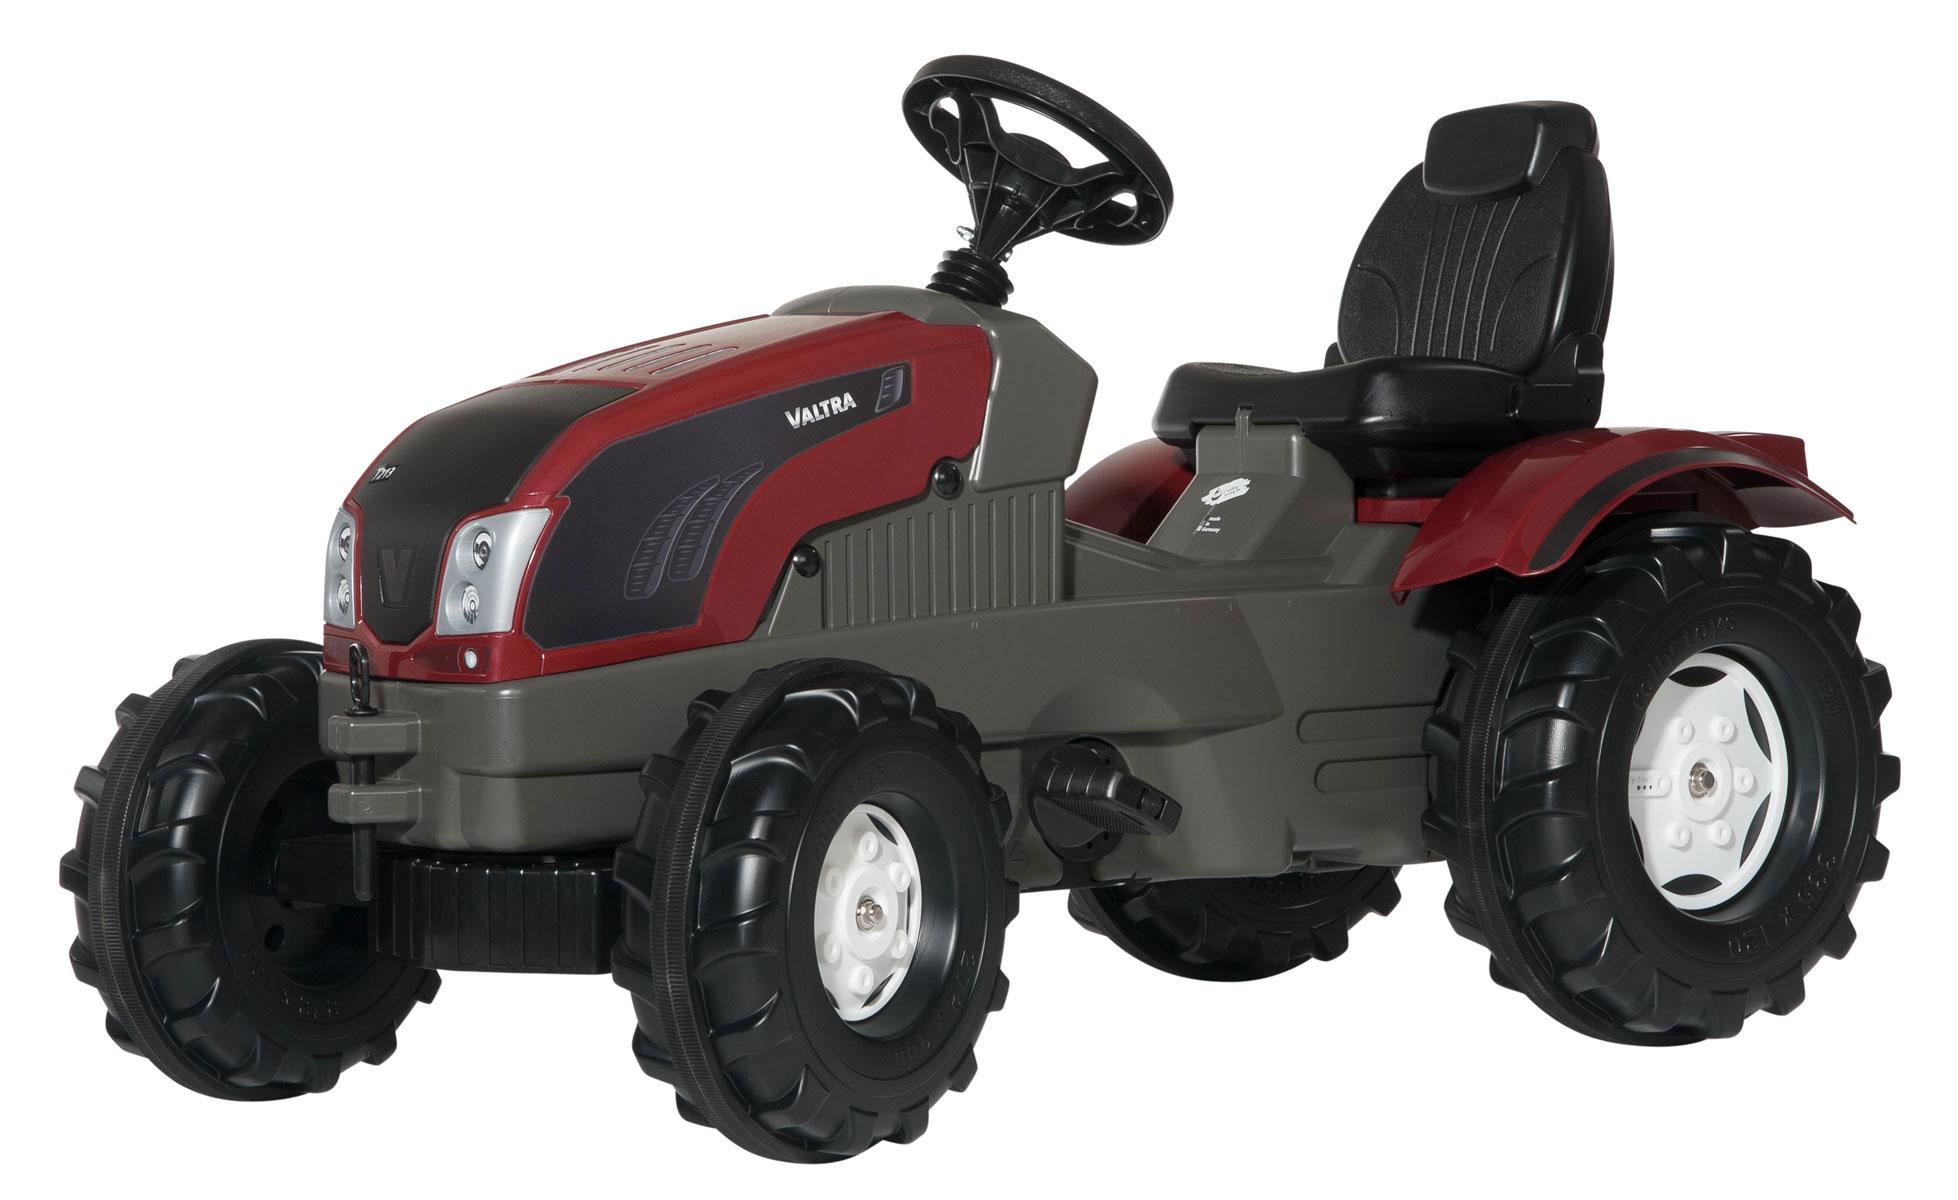 Trettraktor rolly Farmtrac Valtra T 213 - Rolly Toys Bild 1